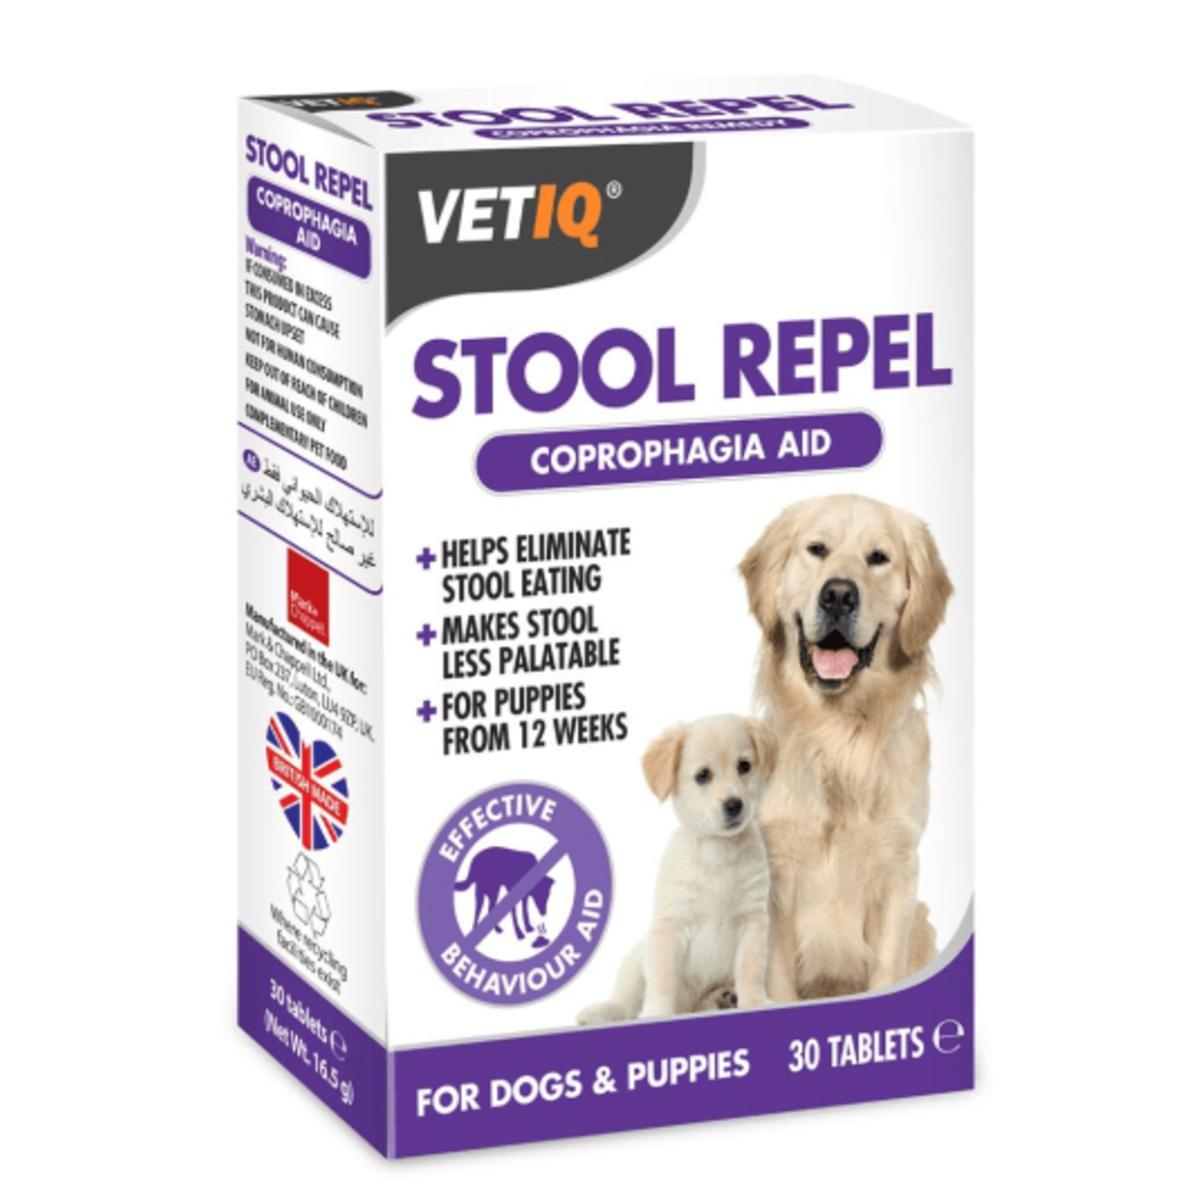 VetIQ Stool Repel Coprophagia Aid Tablets 30pcs